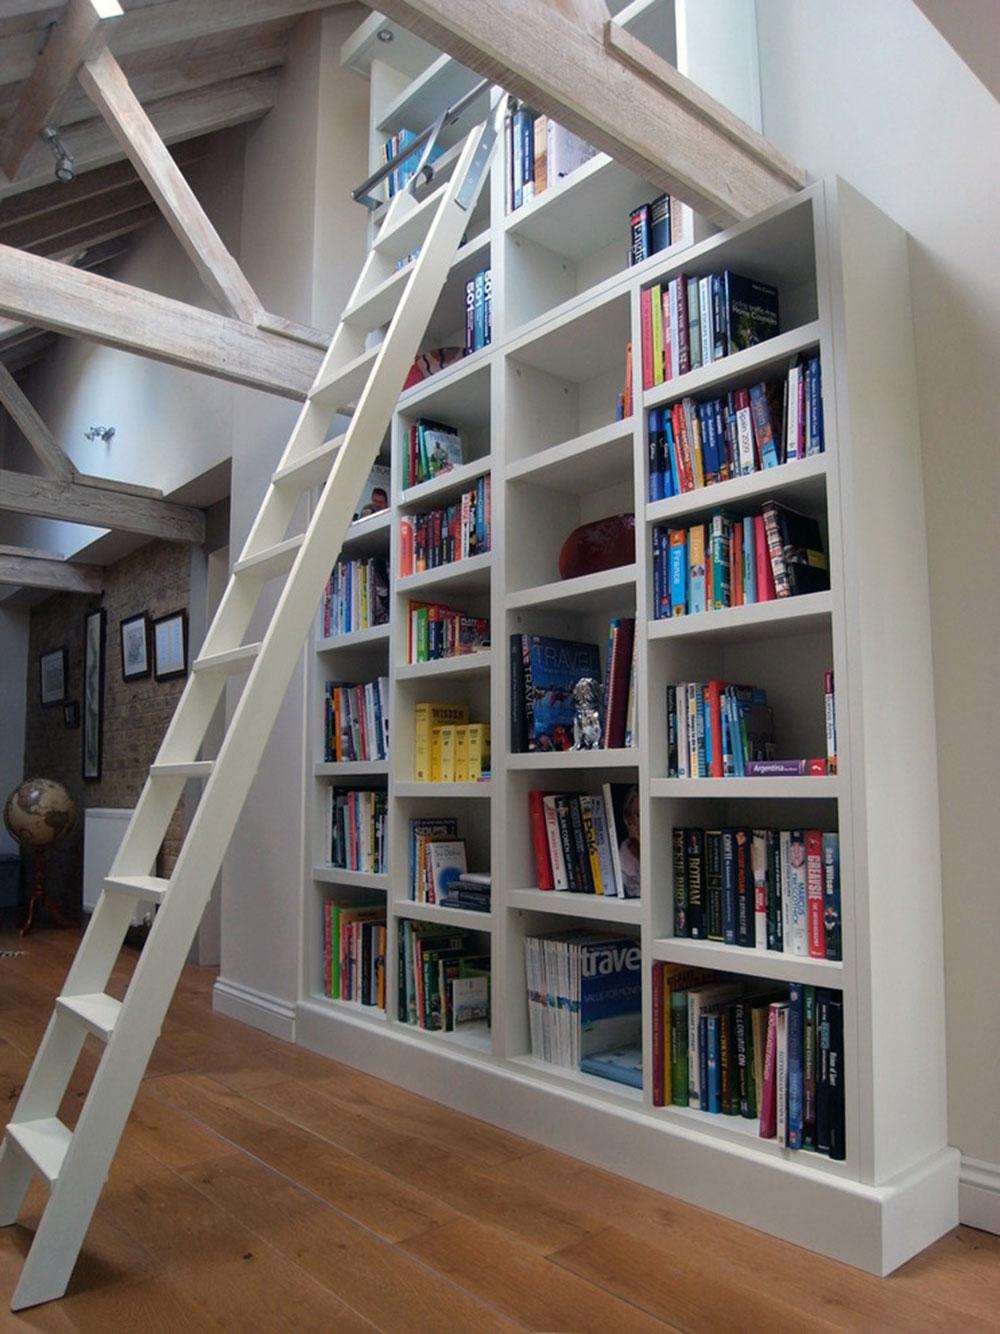 Skapa ett hembibliotek Design ger ett avkopplande utrymme2 Att skapa ett hembibliotek Design ger en avkopplande plats